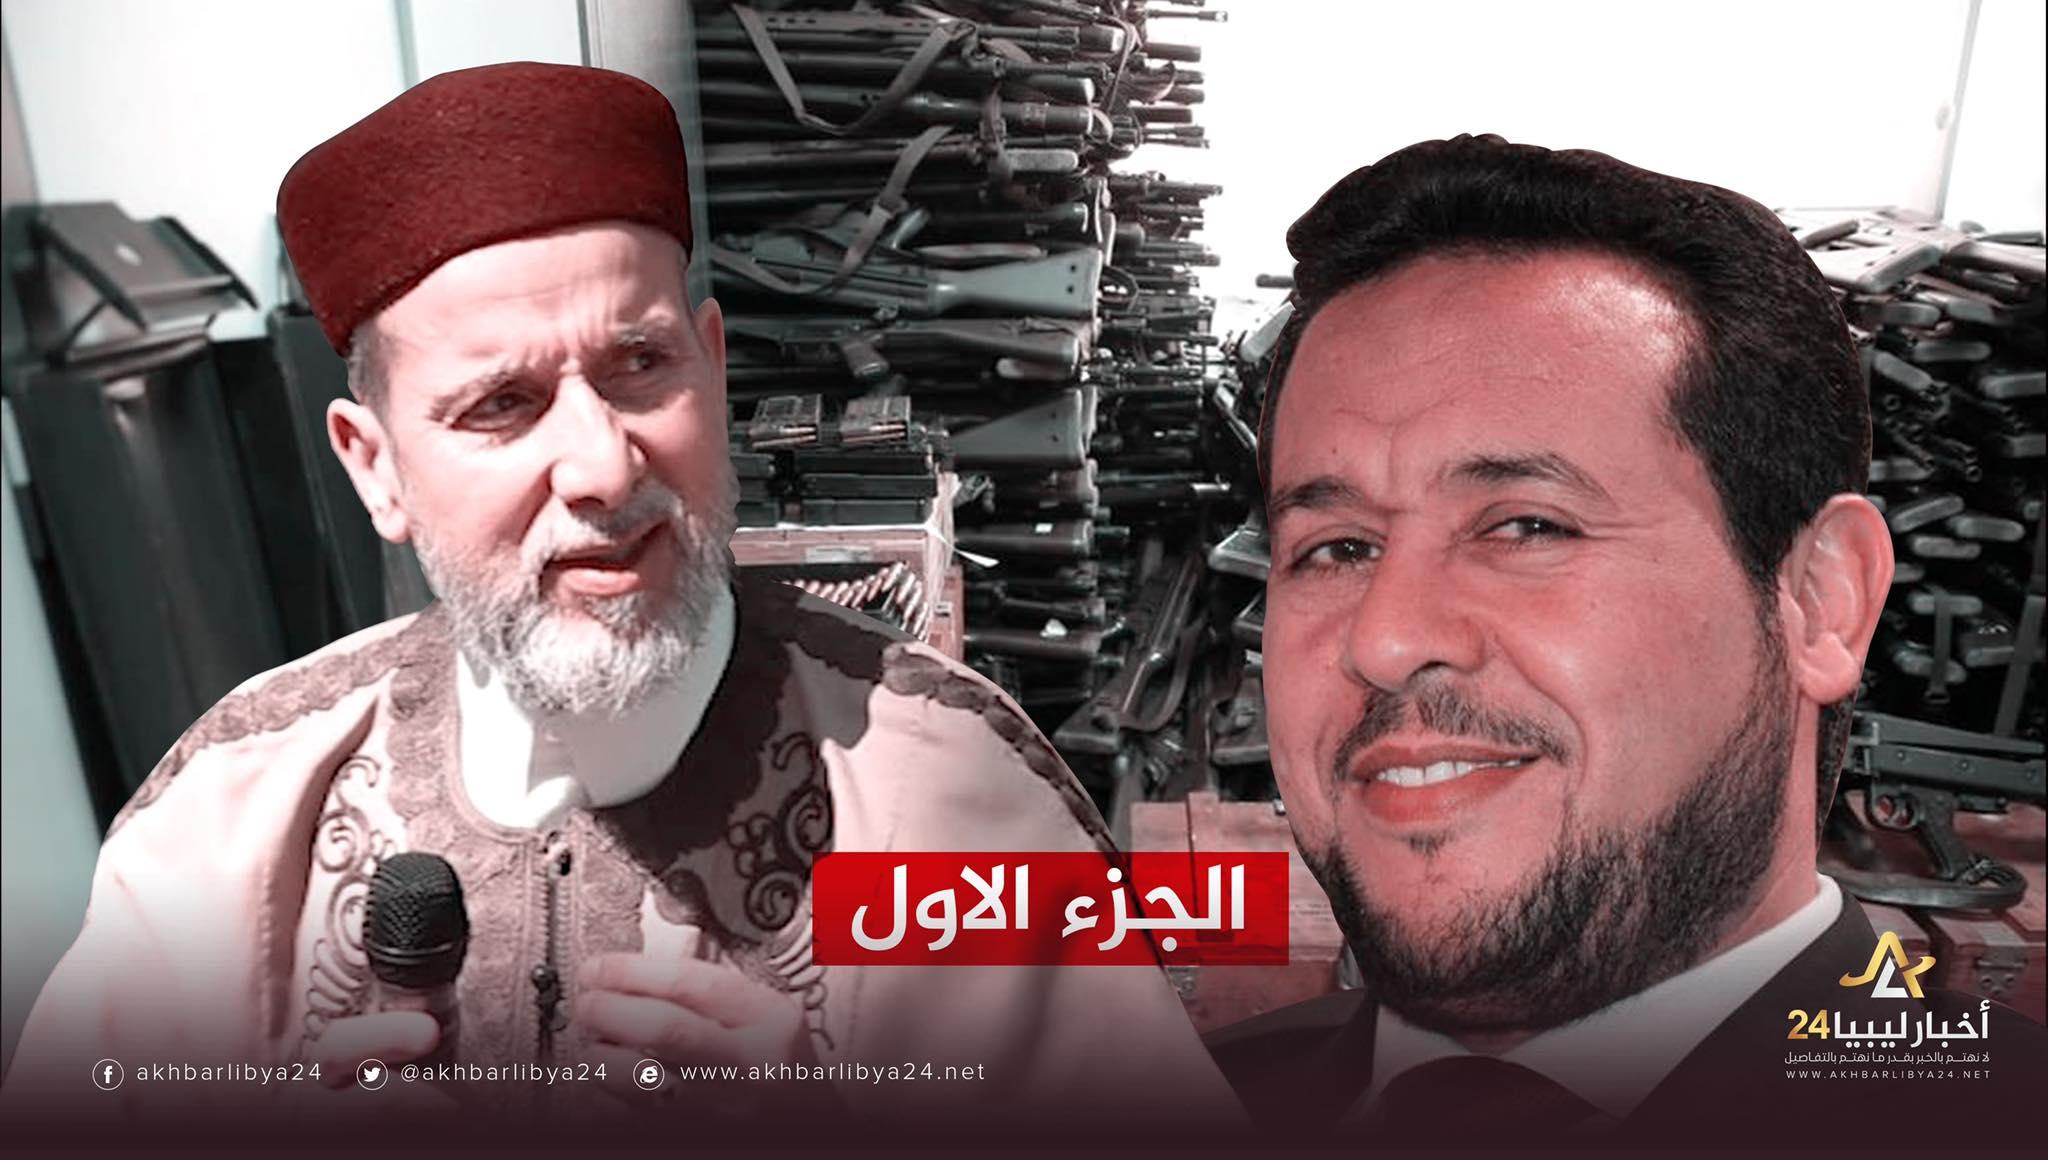 """صورة من ثمانينيات القرن الماضي .. تعرف على تاريخ الجماعة الليبية المقاتلة """"الجزء الأول"""""""